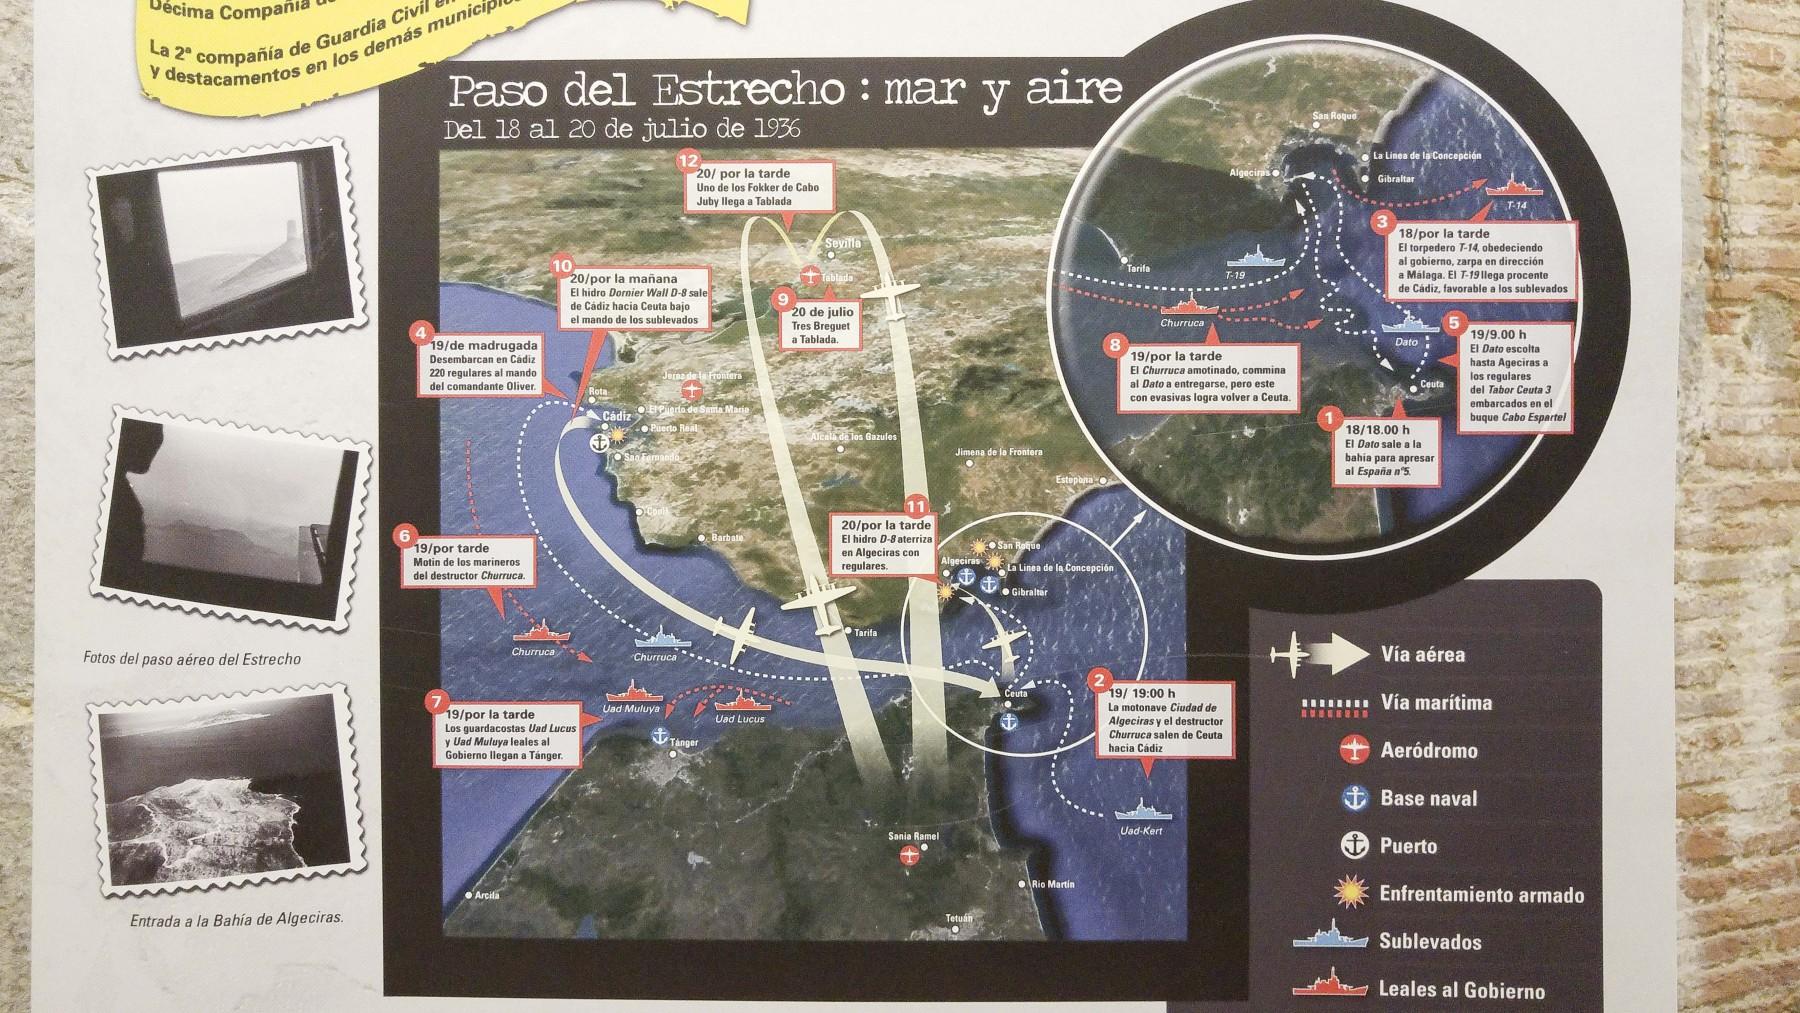 17-febrero-2015-exposicin-gibraltar-y-la-guerra-civil-espaola-16_24970501302_o